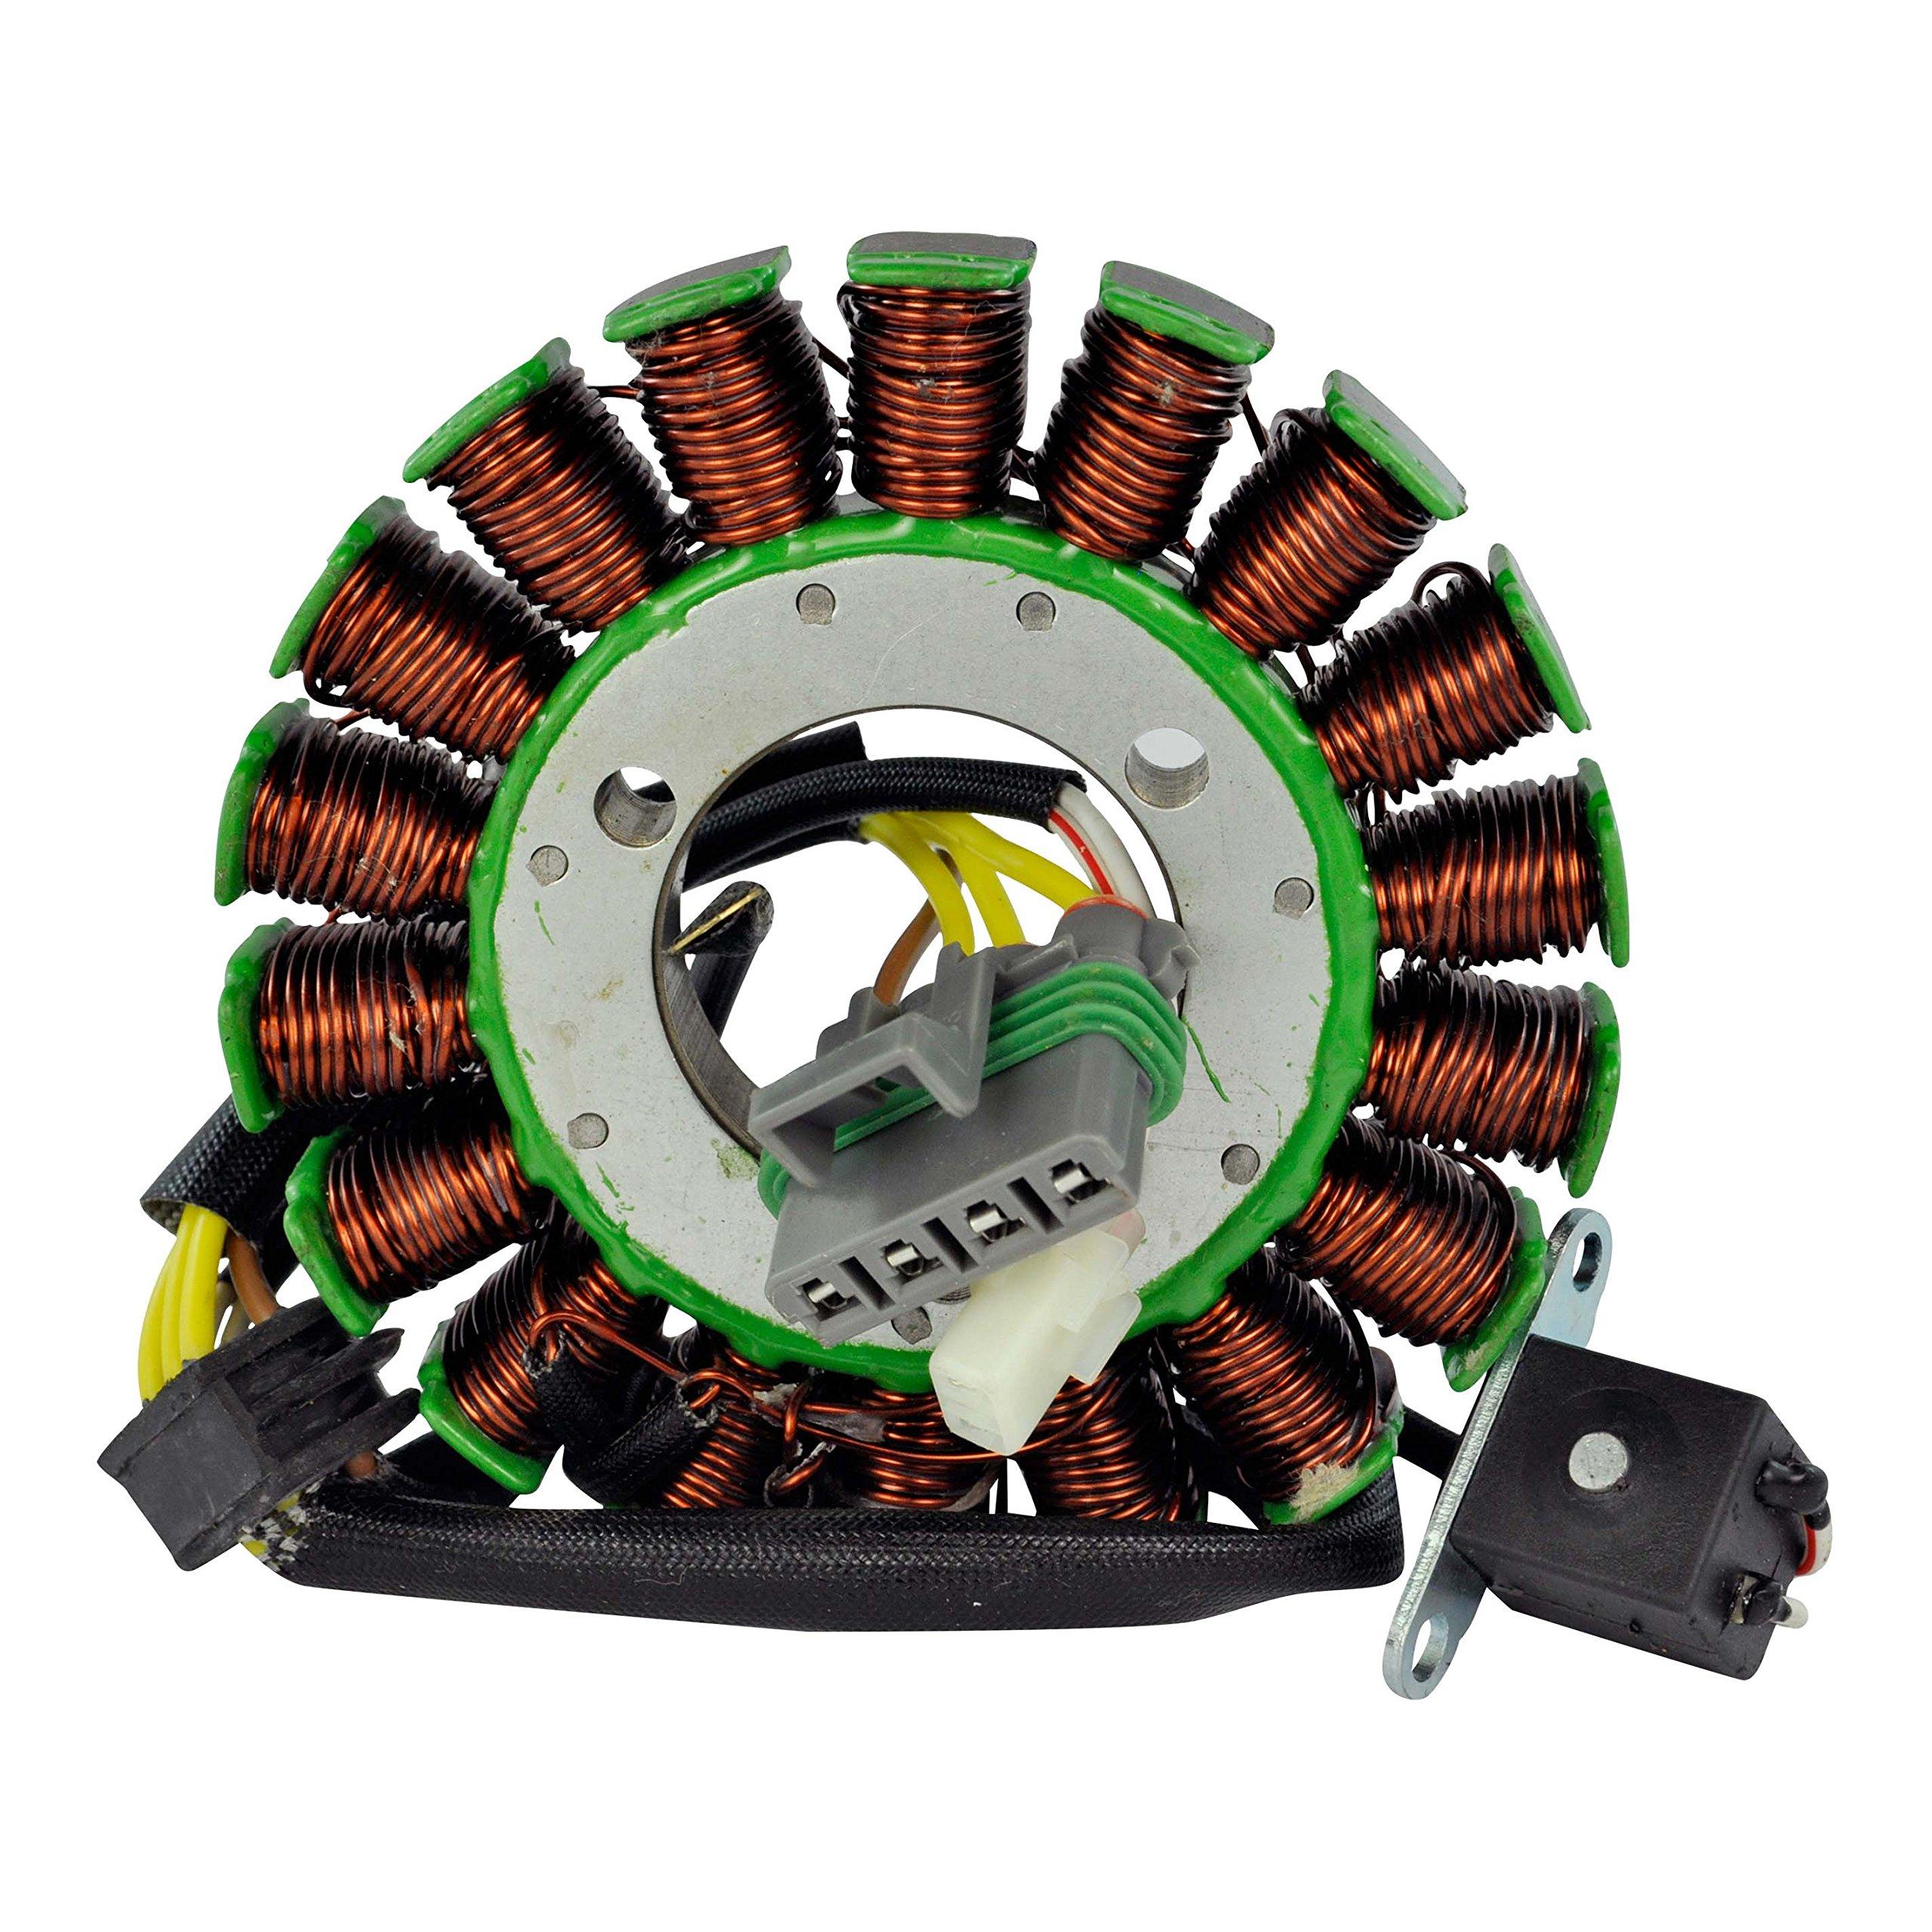 Generator Stator For Polaris Ranger 500/Crew 500 Sportsman 500/HO/X2 500